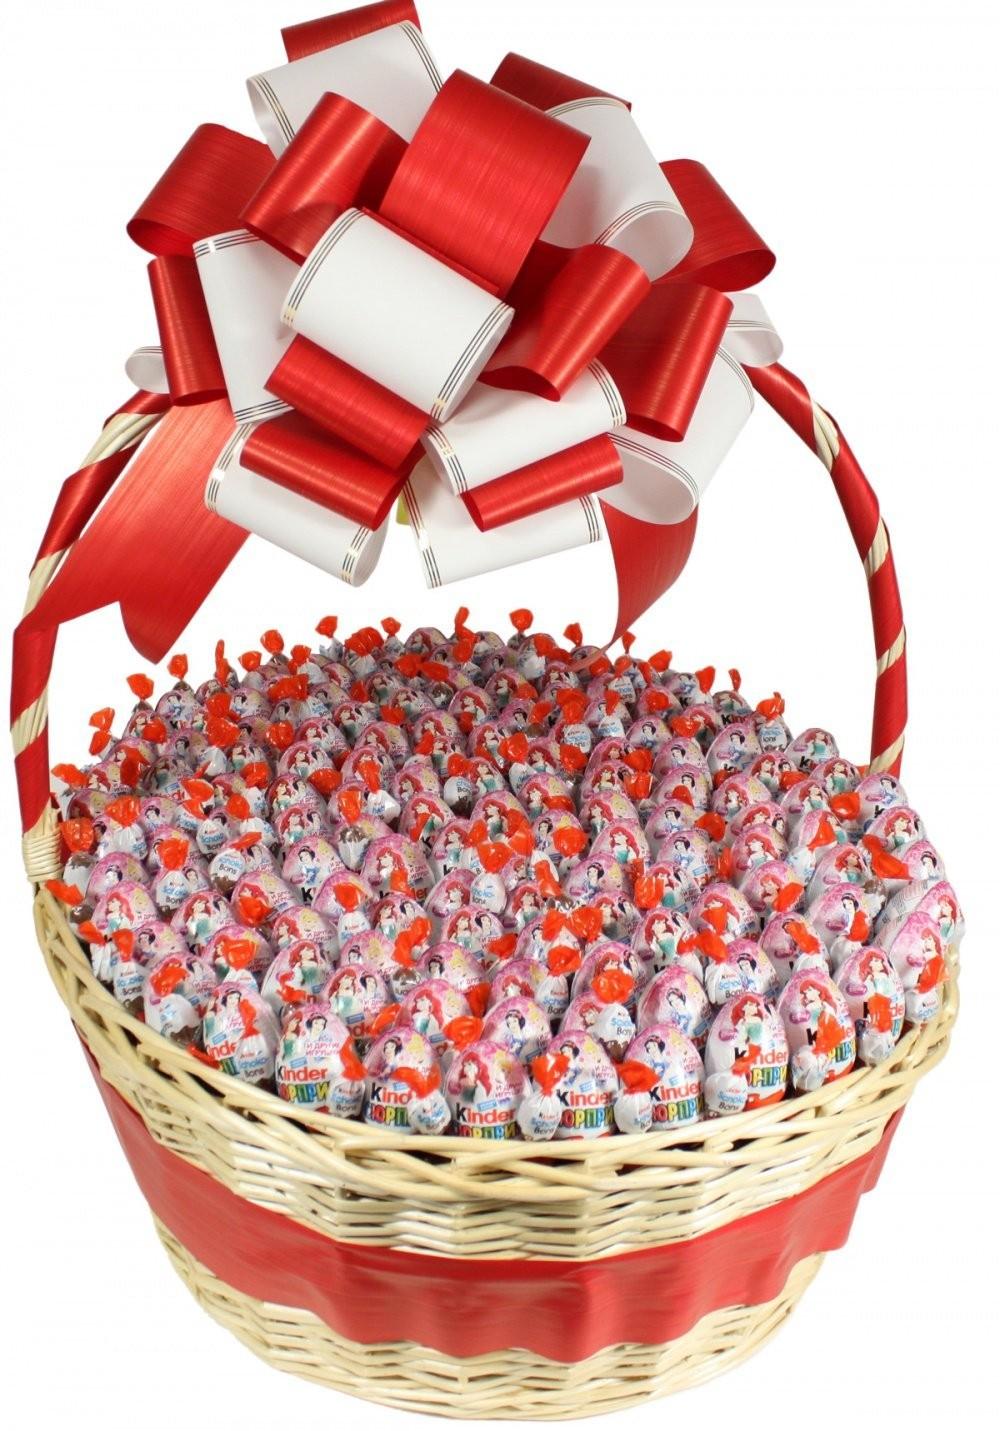 Сладкая корзина со 100 киндер-сюрпризами «Вкусные радости»